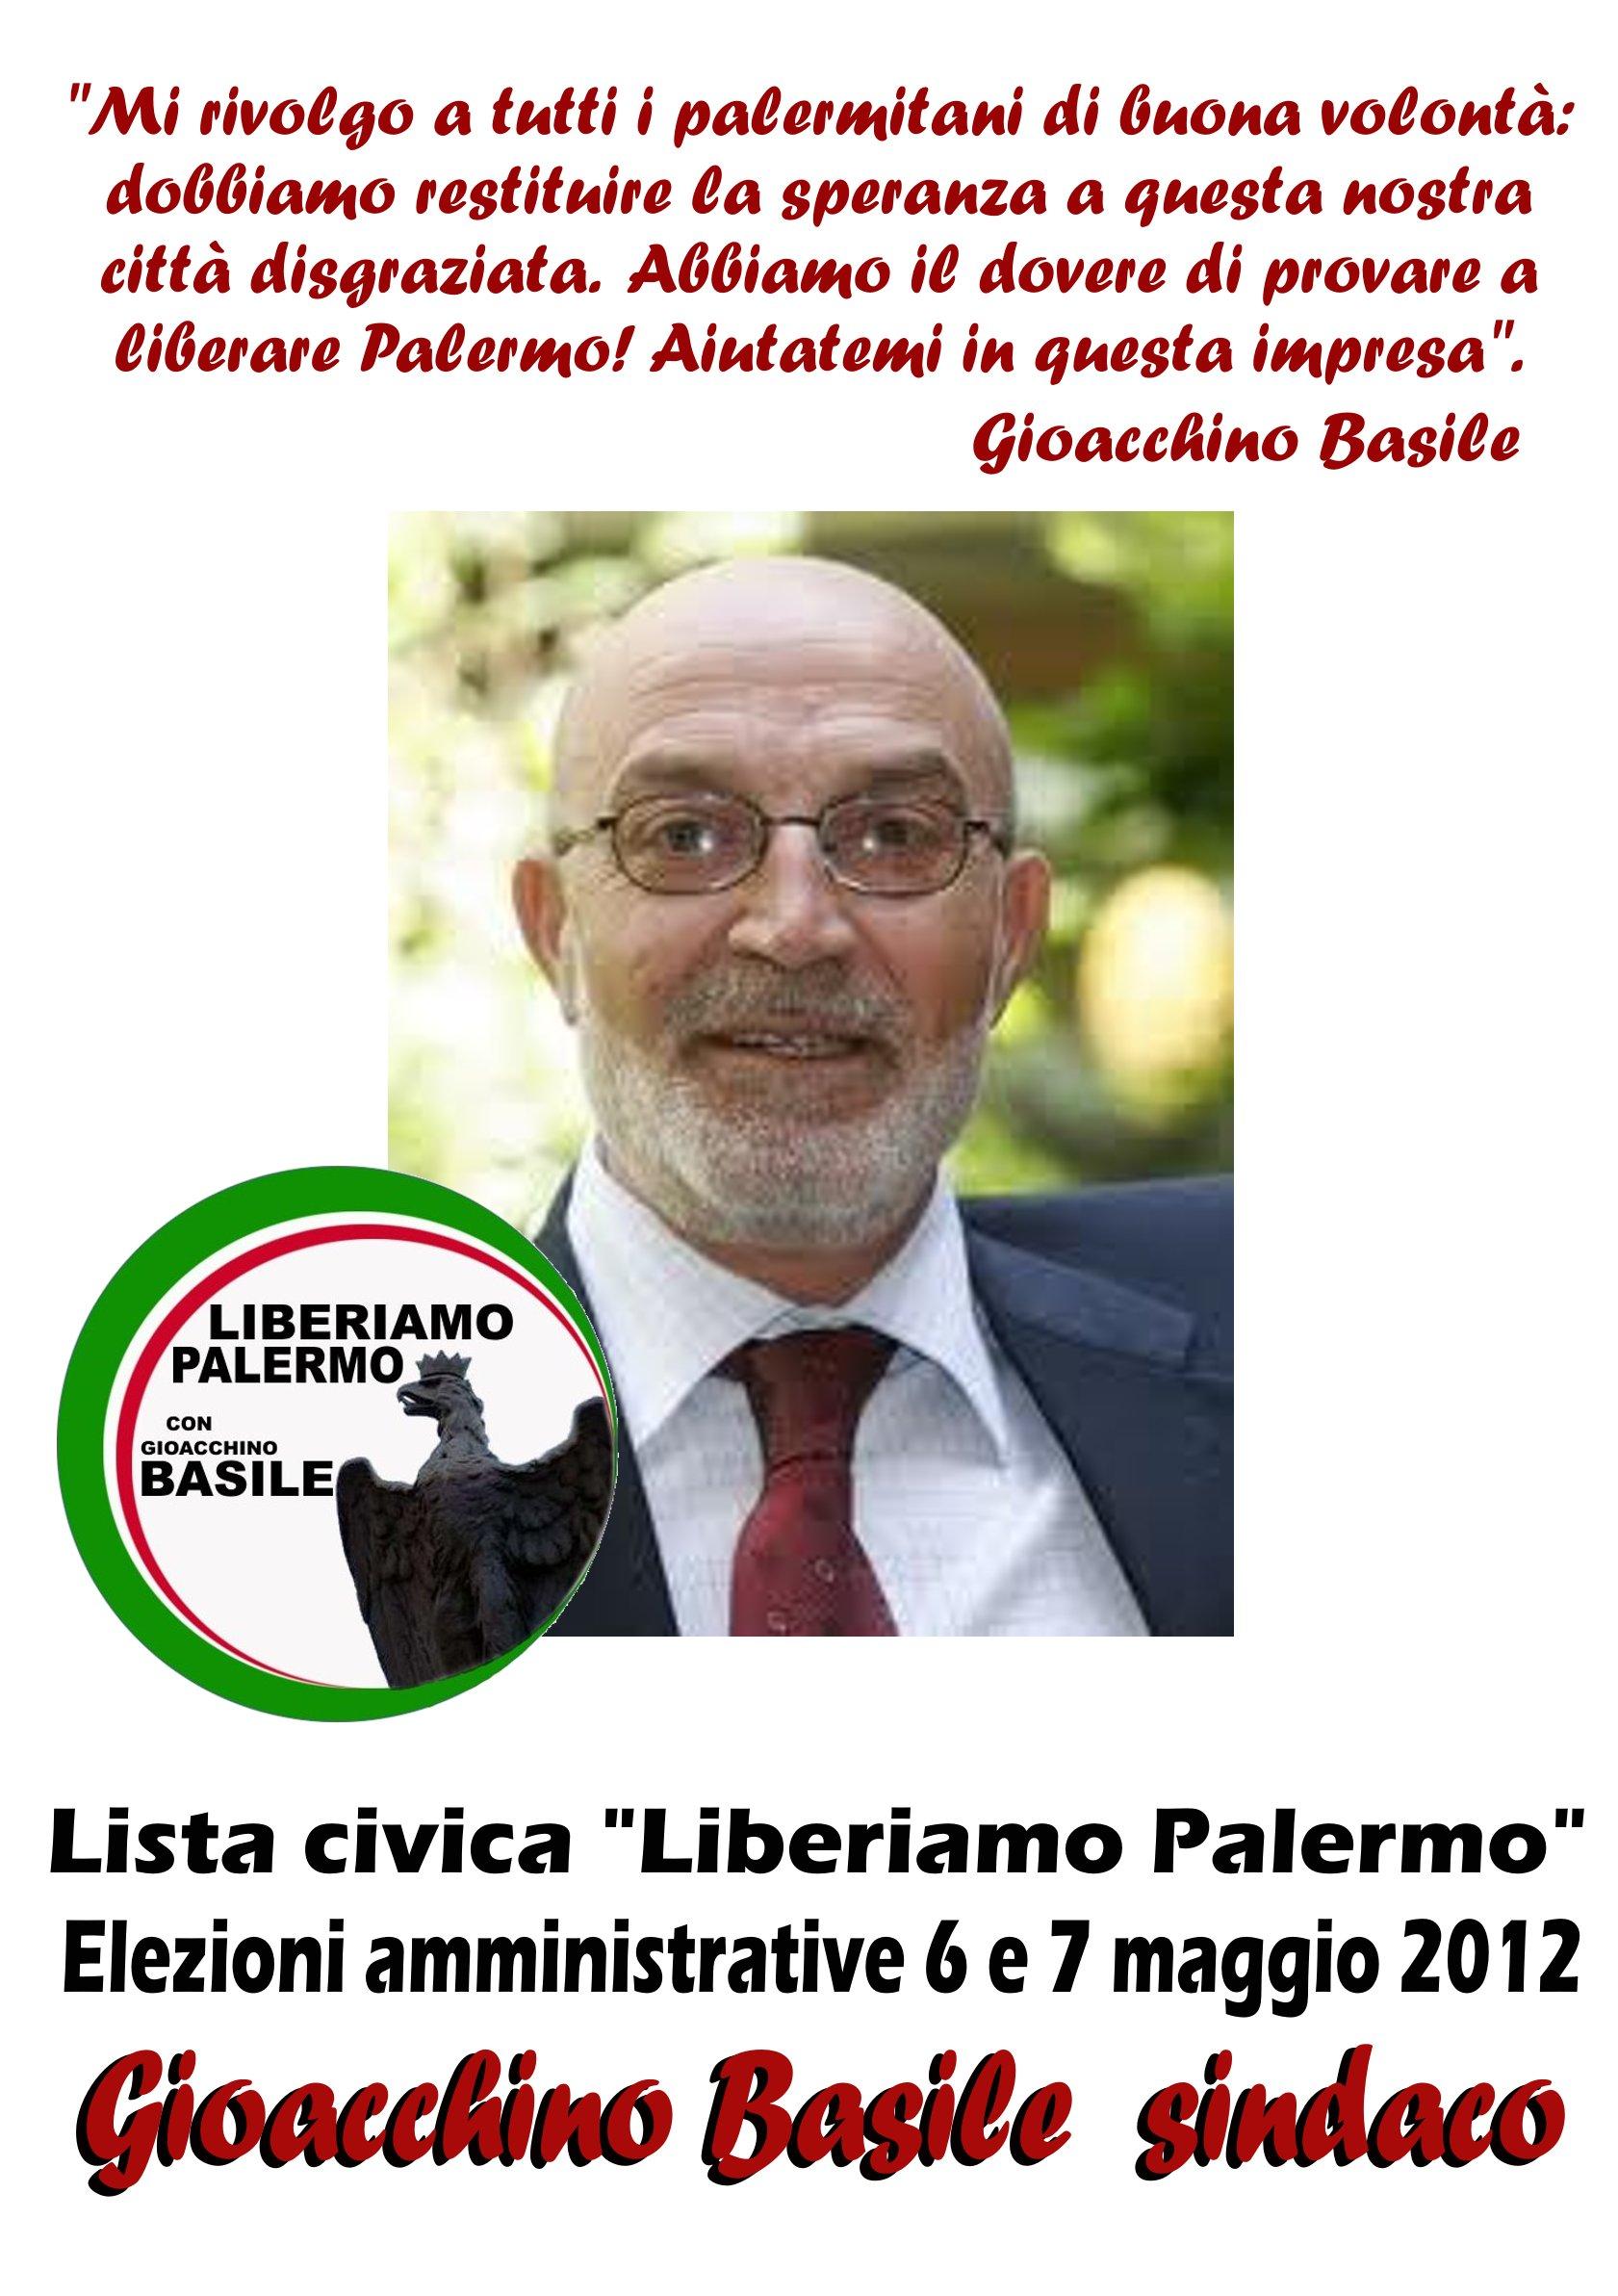 Agenzia stampa italia agenzia stampa italia - Riscatto casa popolare ...